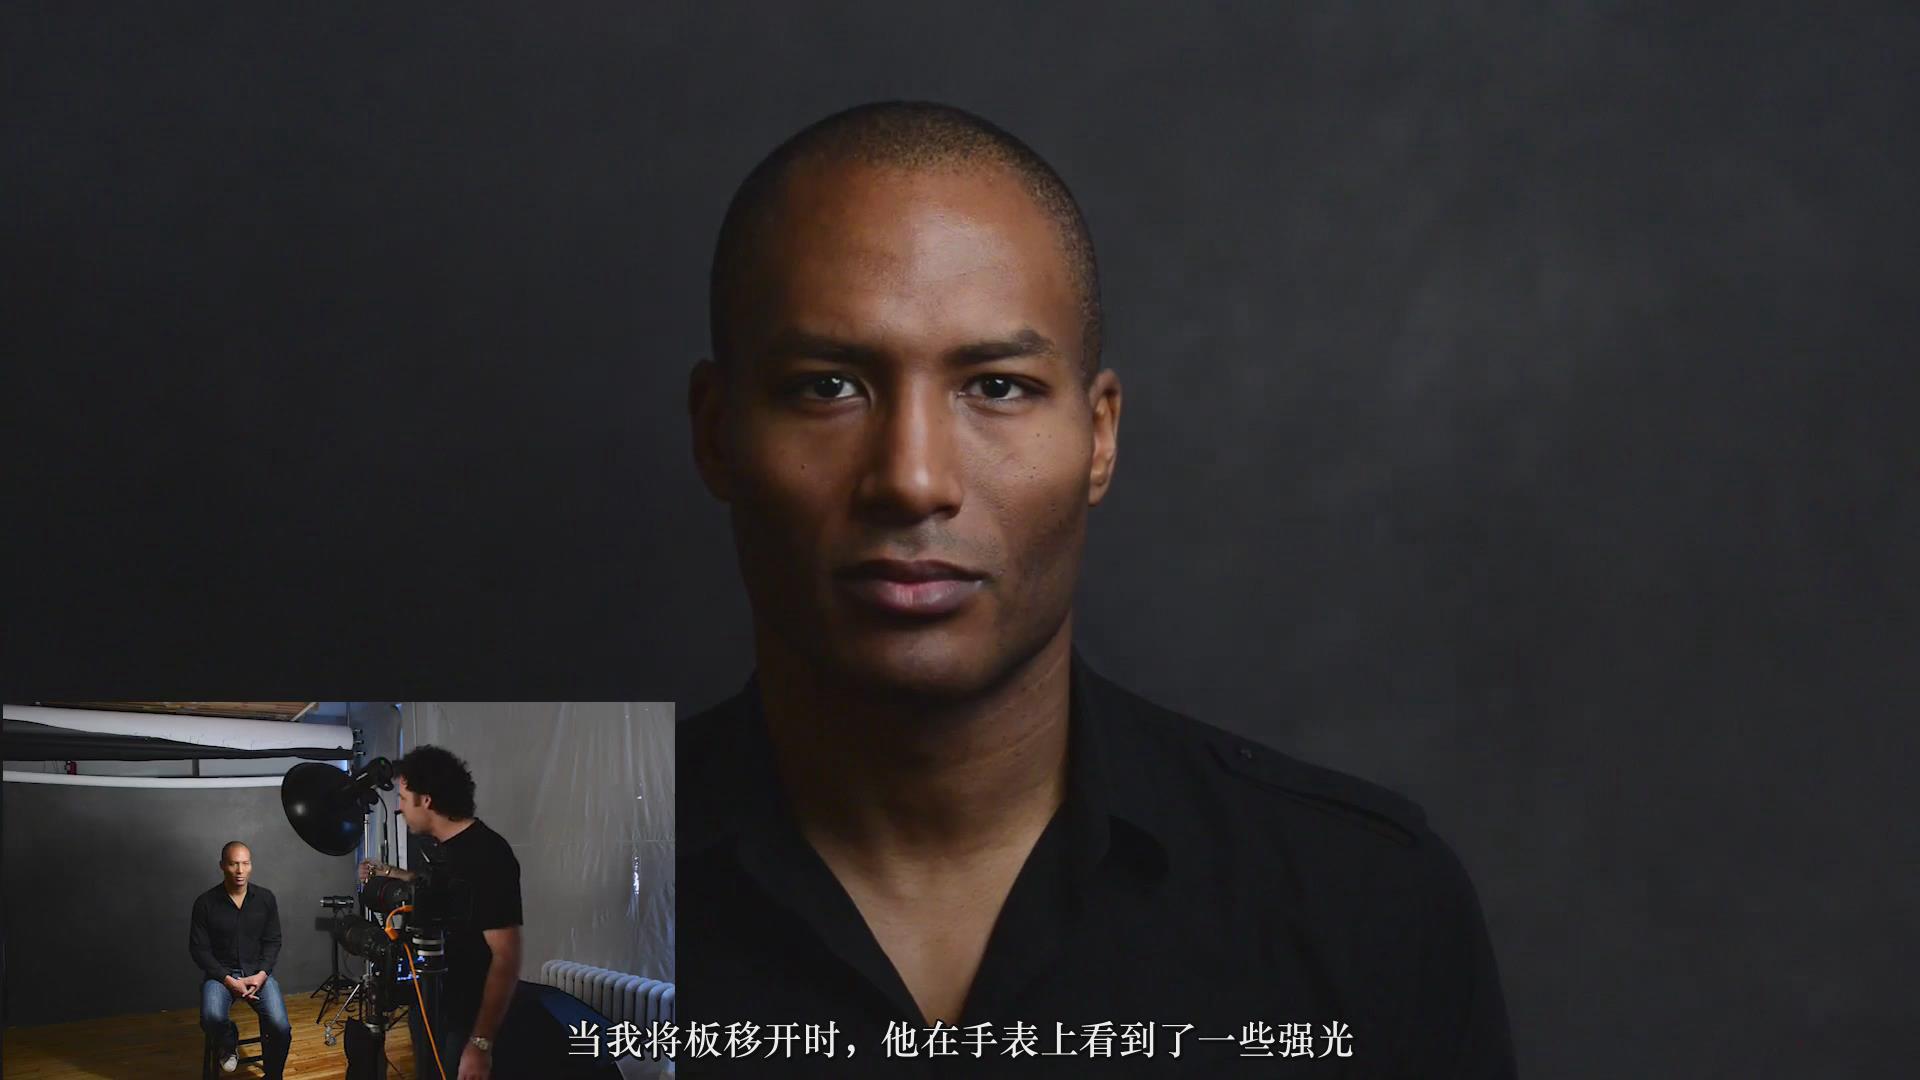 摄影教程_Fstoppers-彼得·赫利(Peter Hurley)完美头像人像面部布光教程-中文字幕 摄影教程 _预览图9